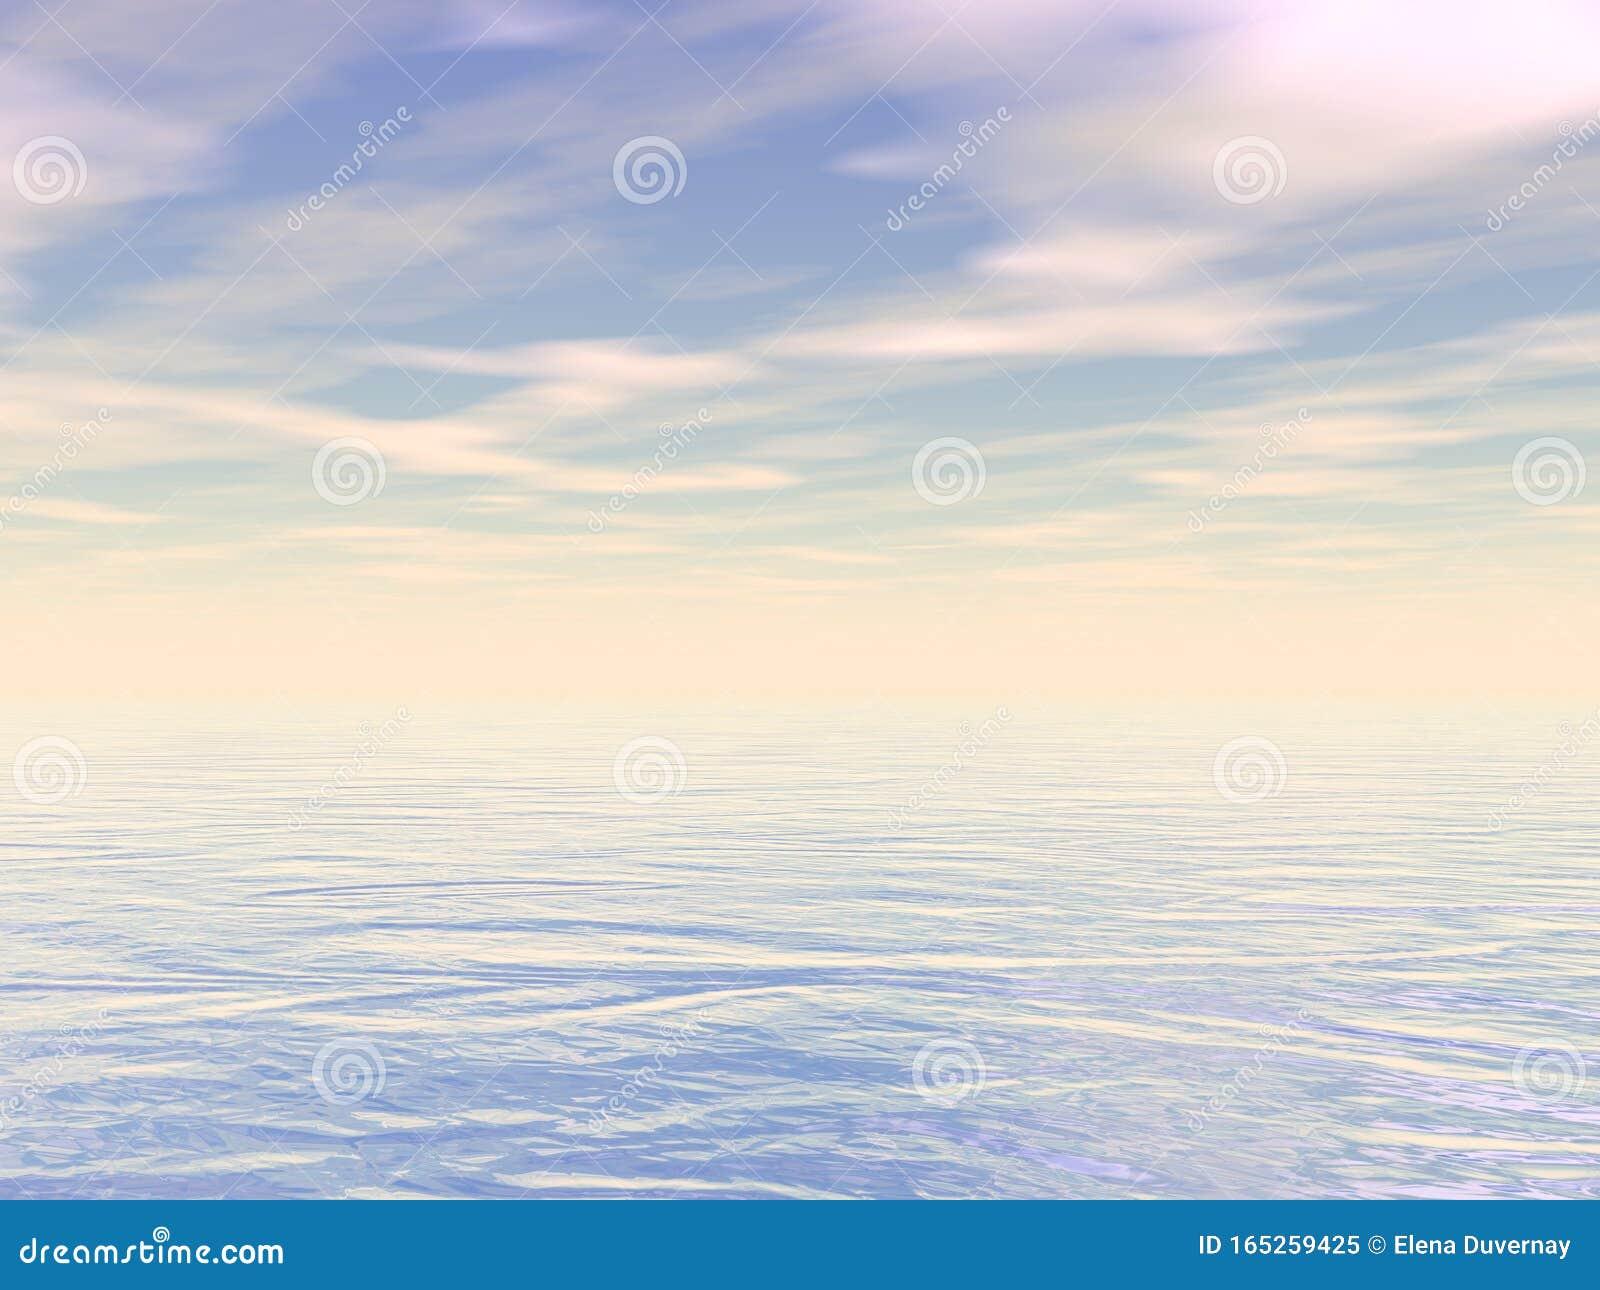 Peaceful ocean or sea water by sunset - 3D render